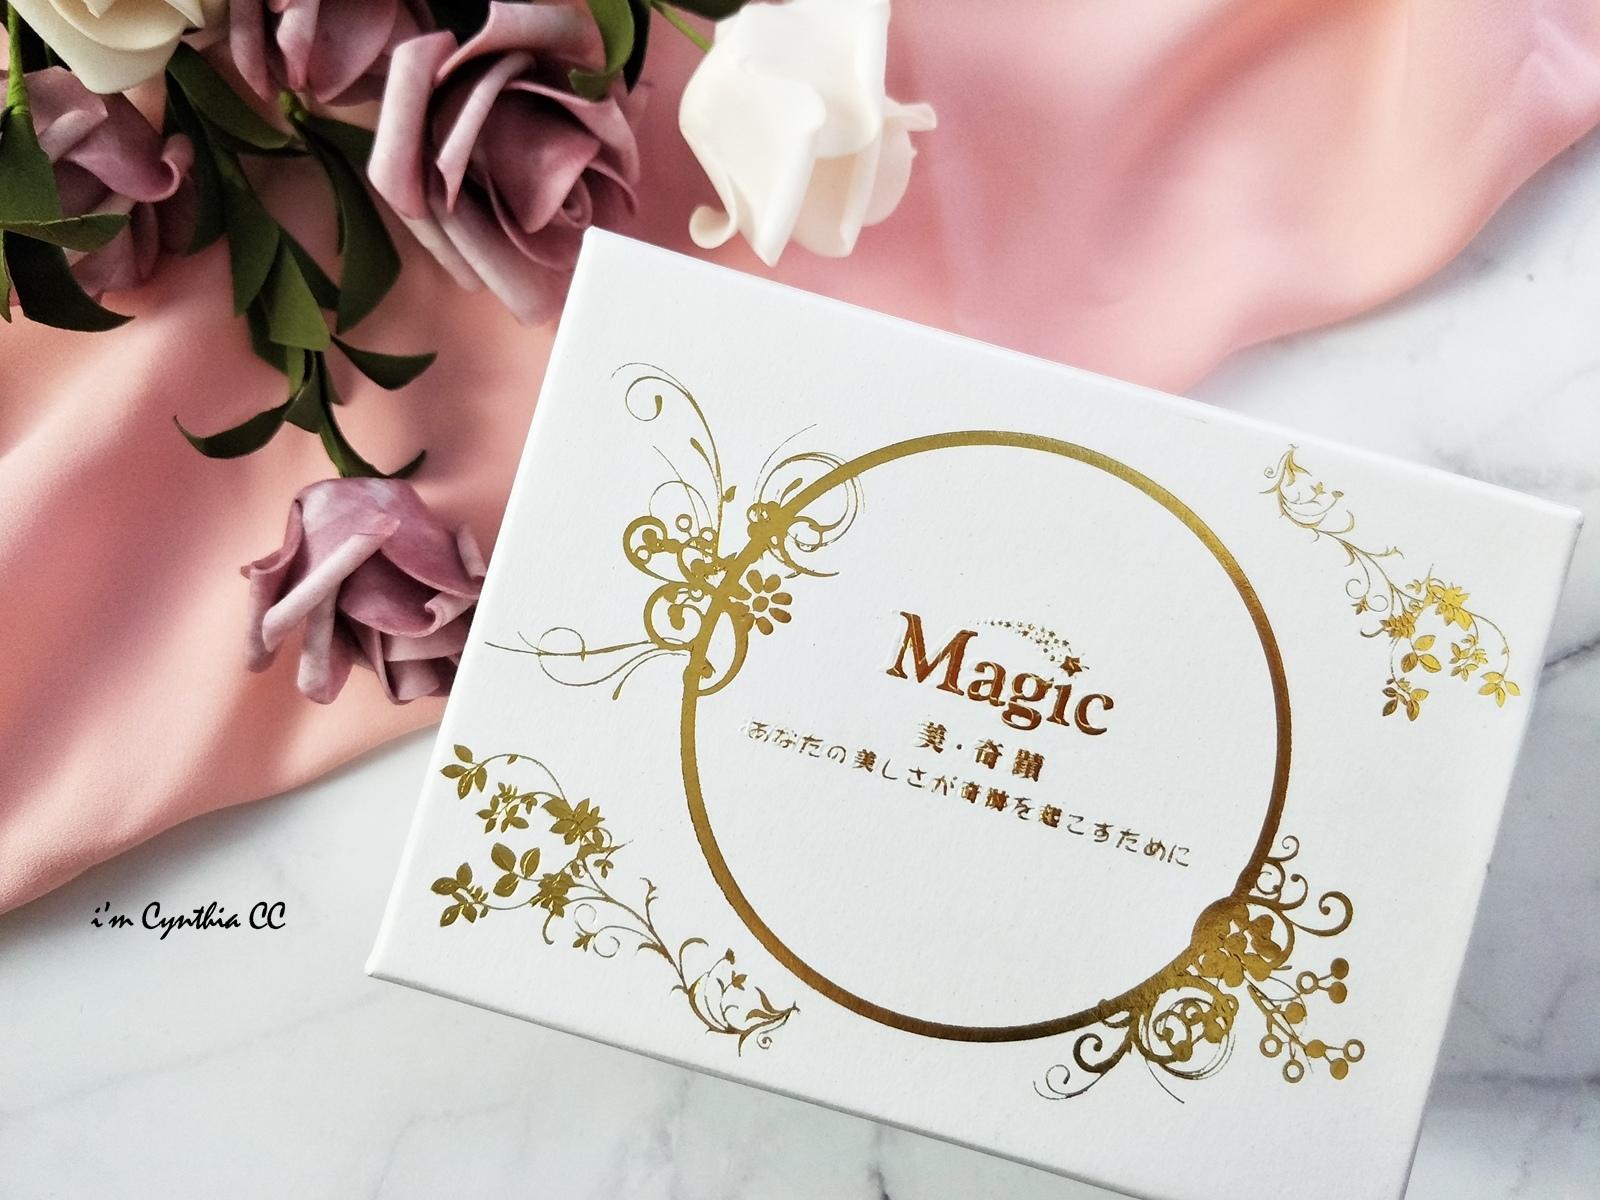 Magic 美奇蹟賽洛美膠囊 口服保養品